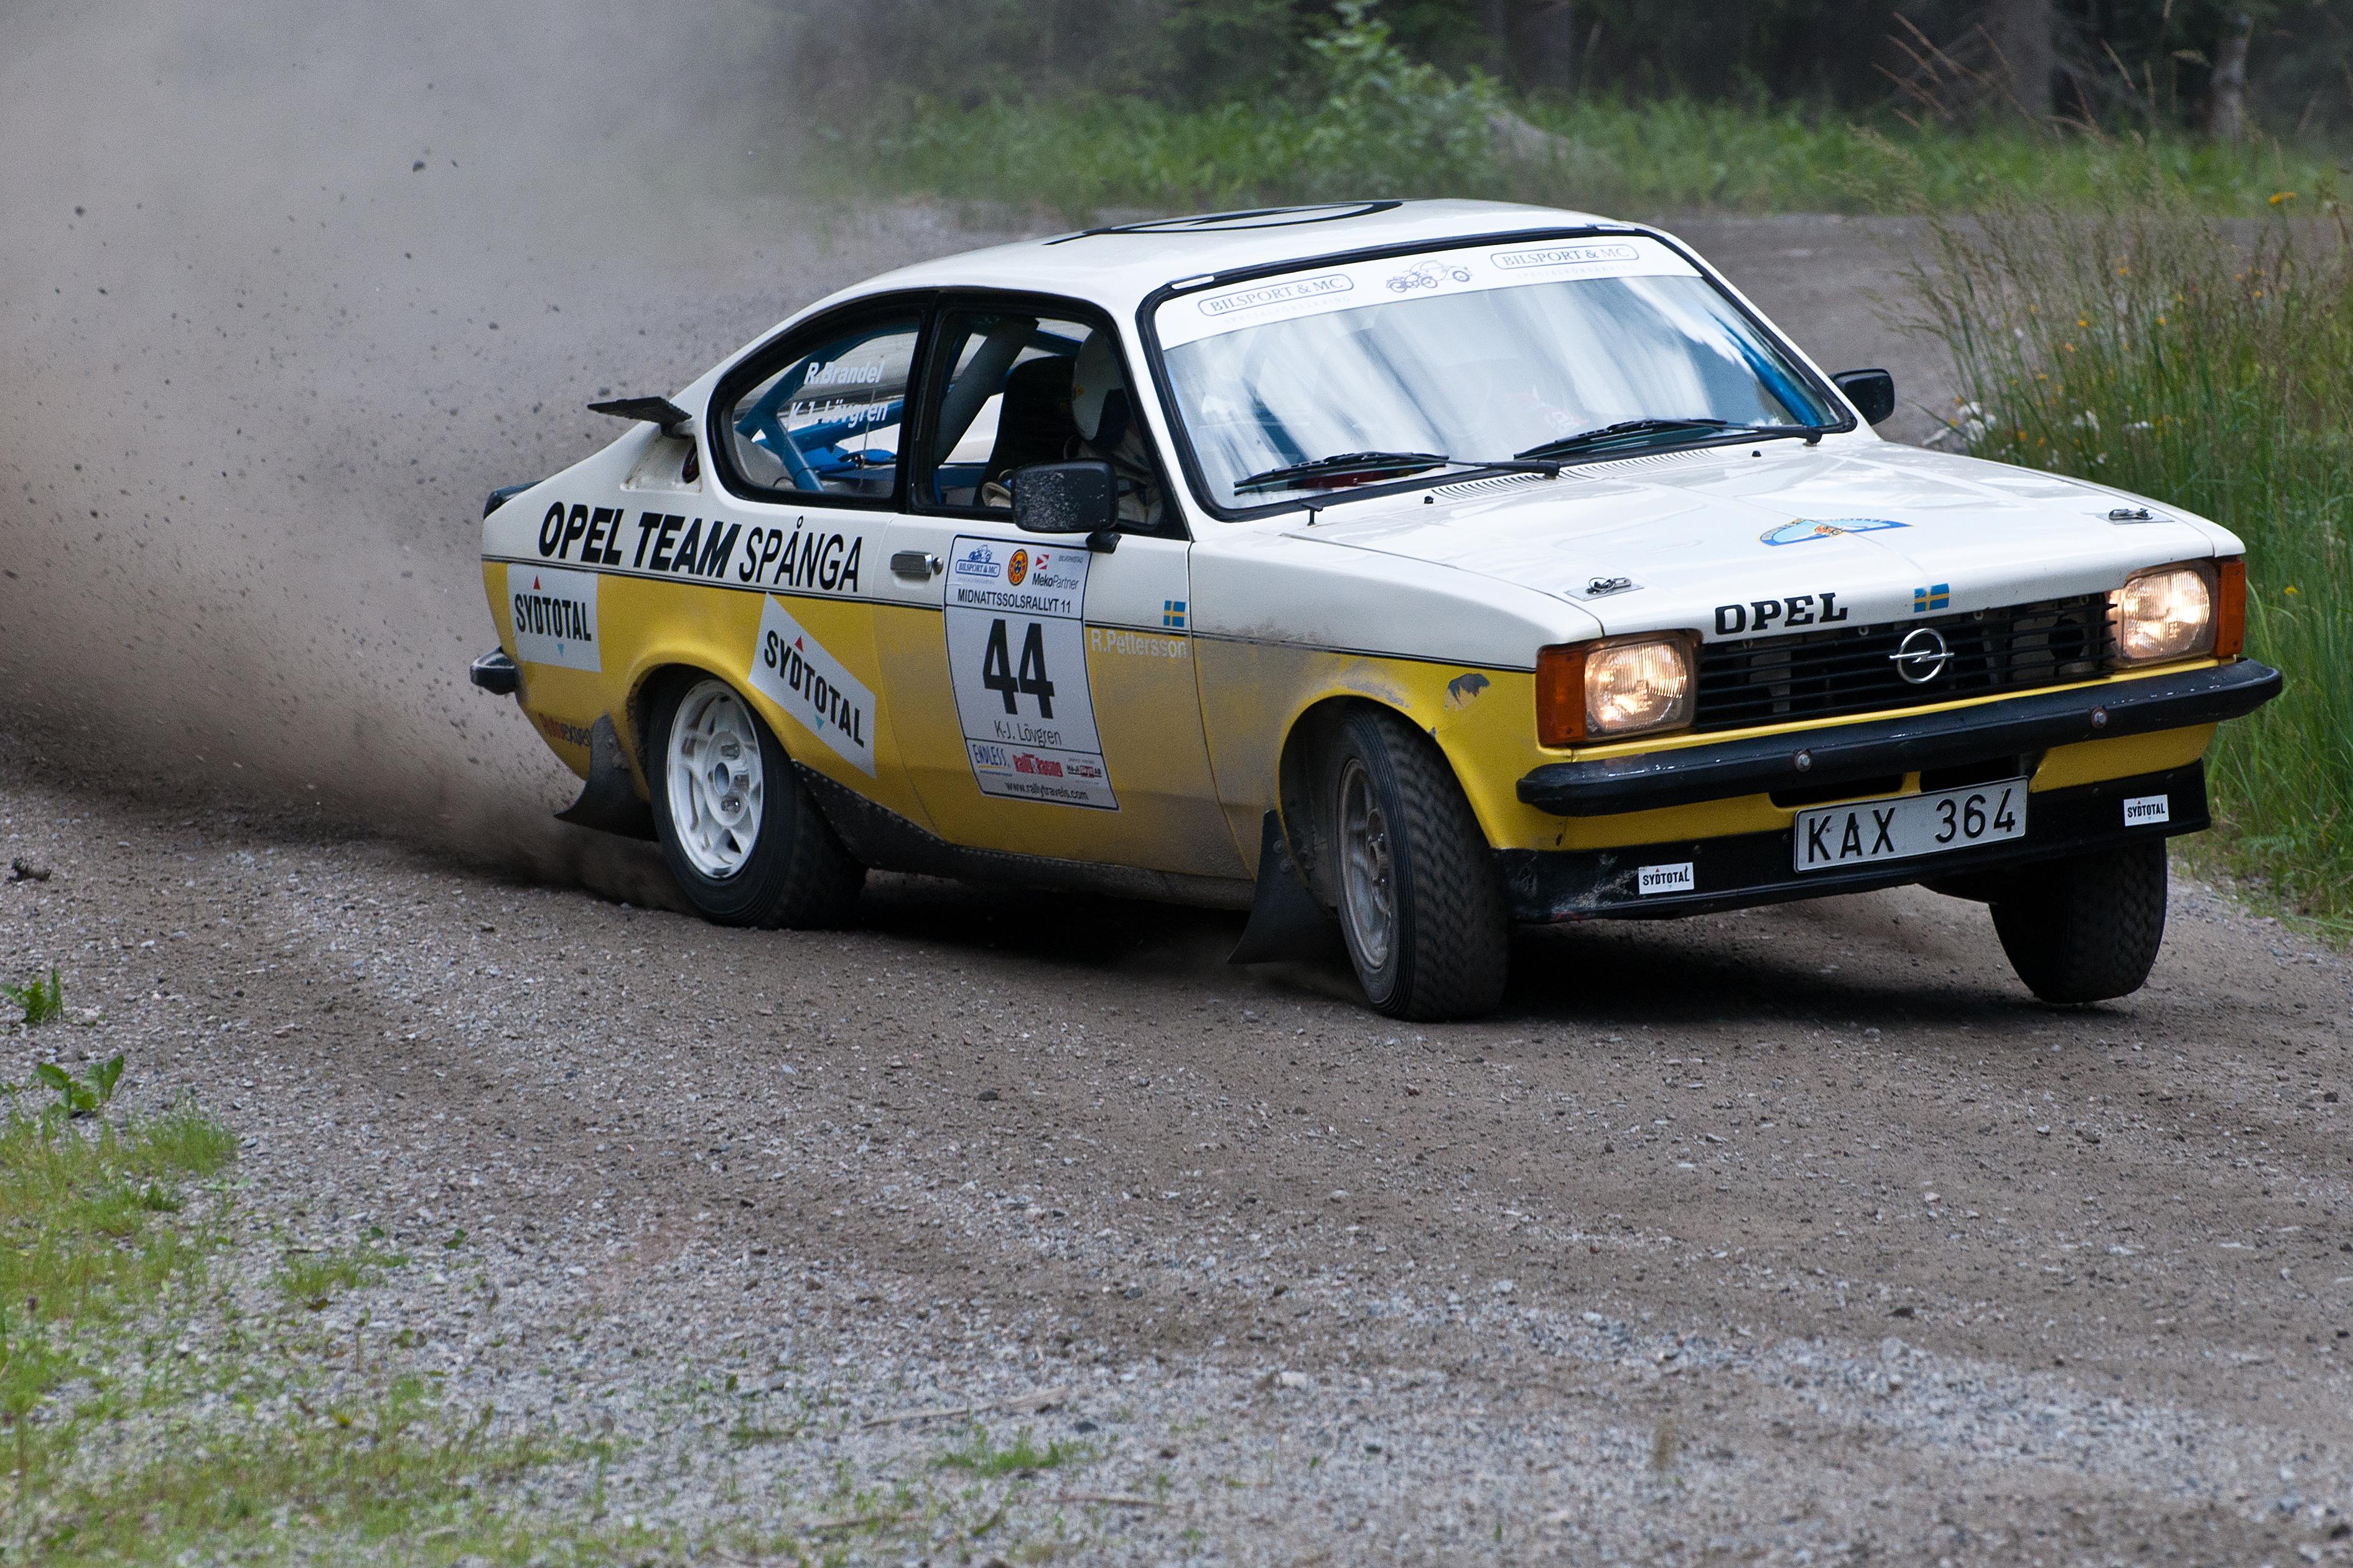 Free Photo Opel Kadett Rallye 1978 1978 Car Opel Free Download Jooinn